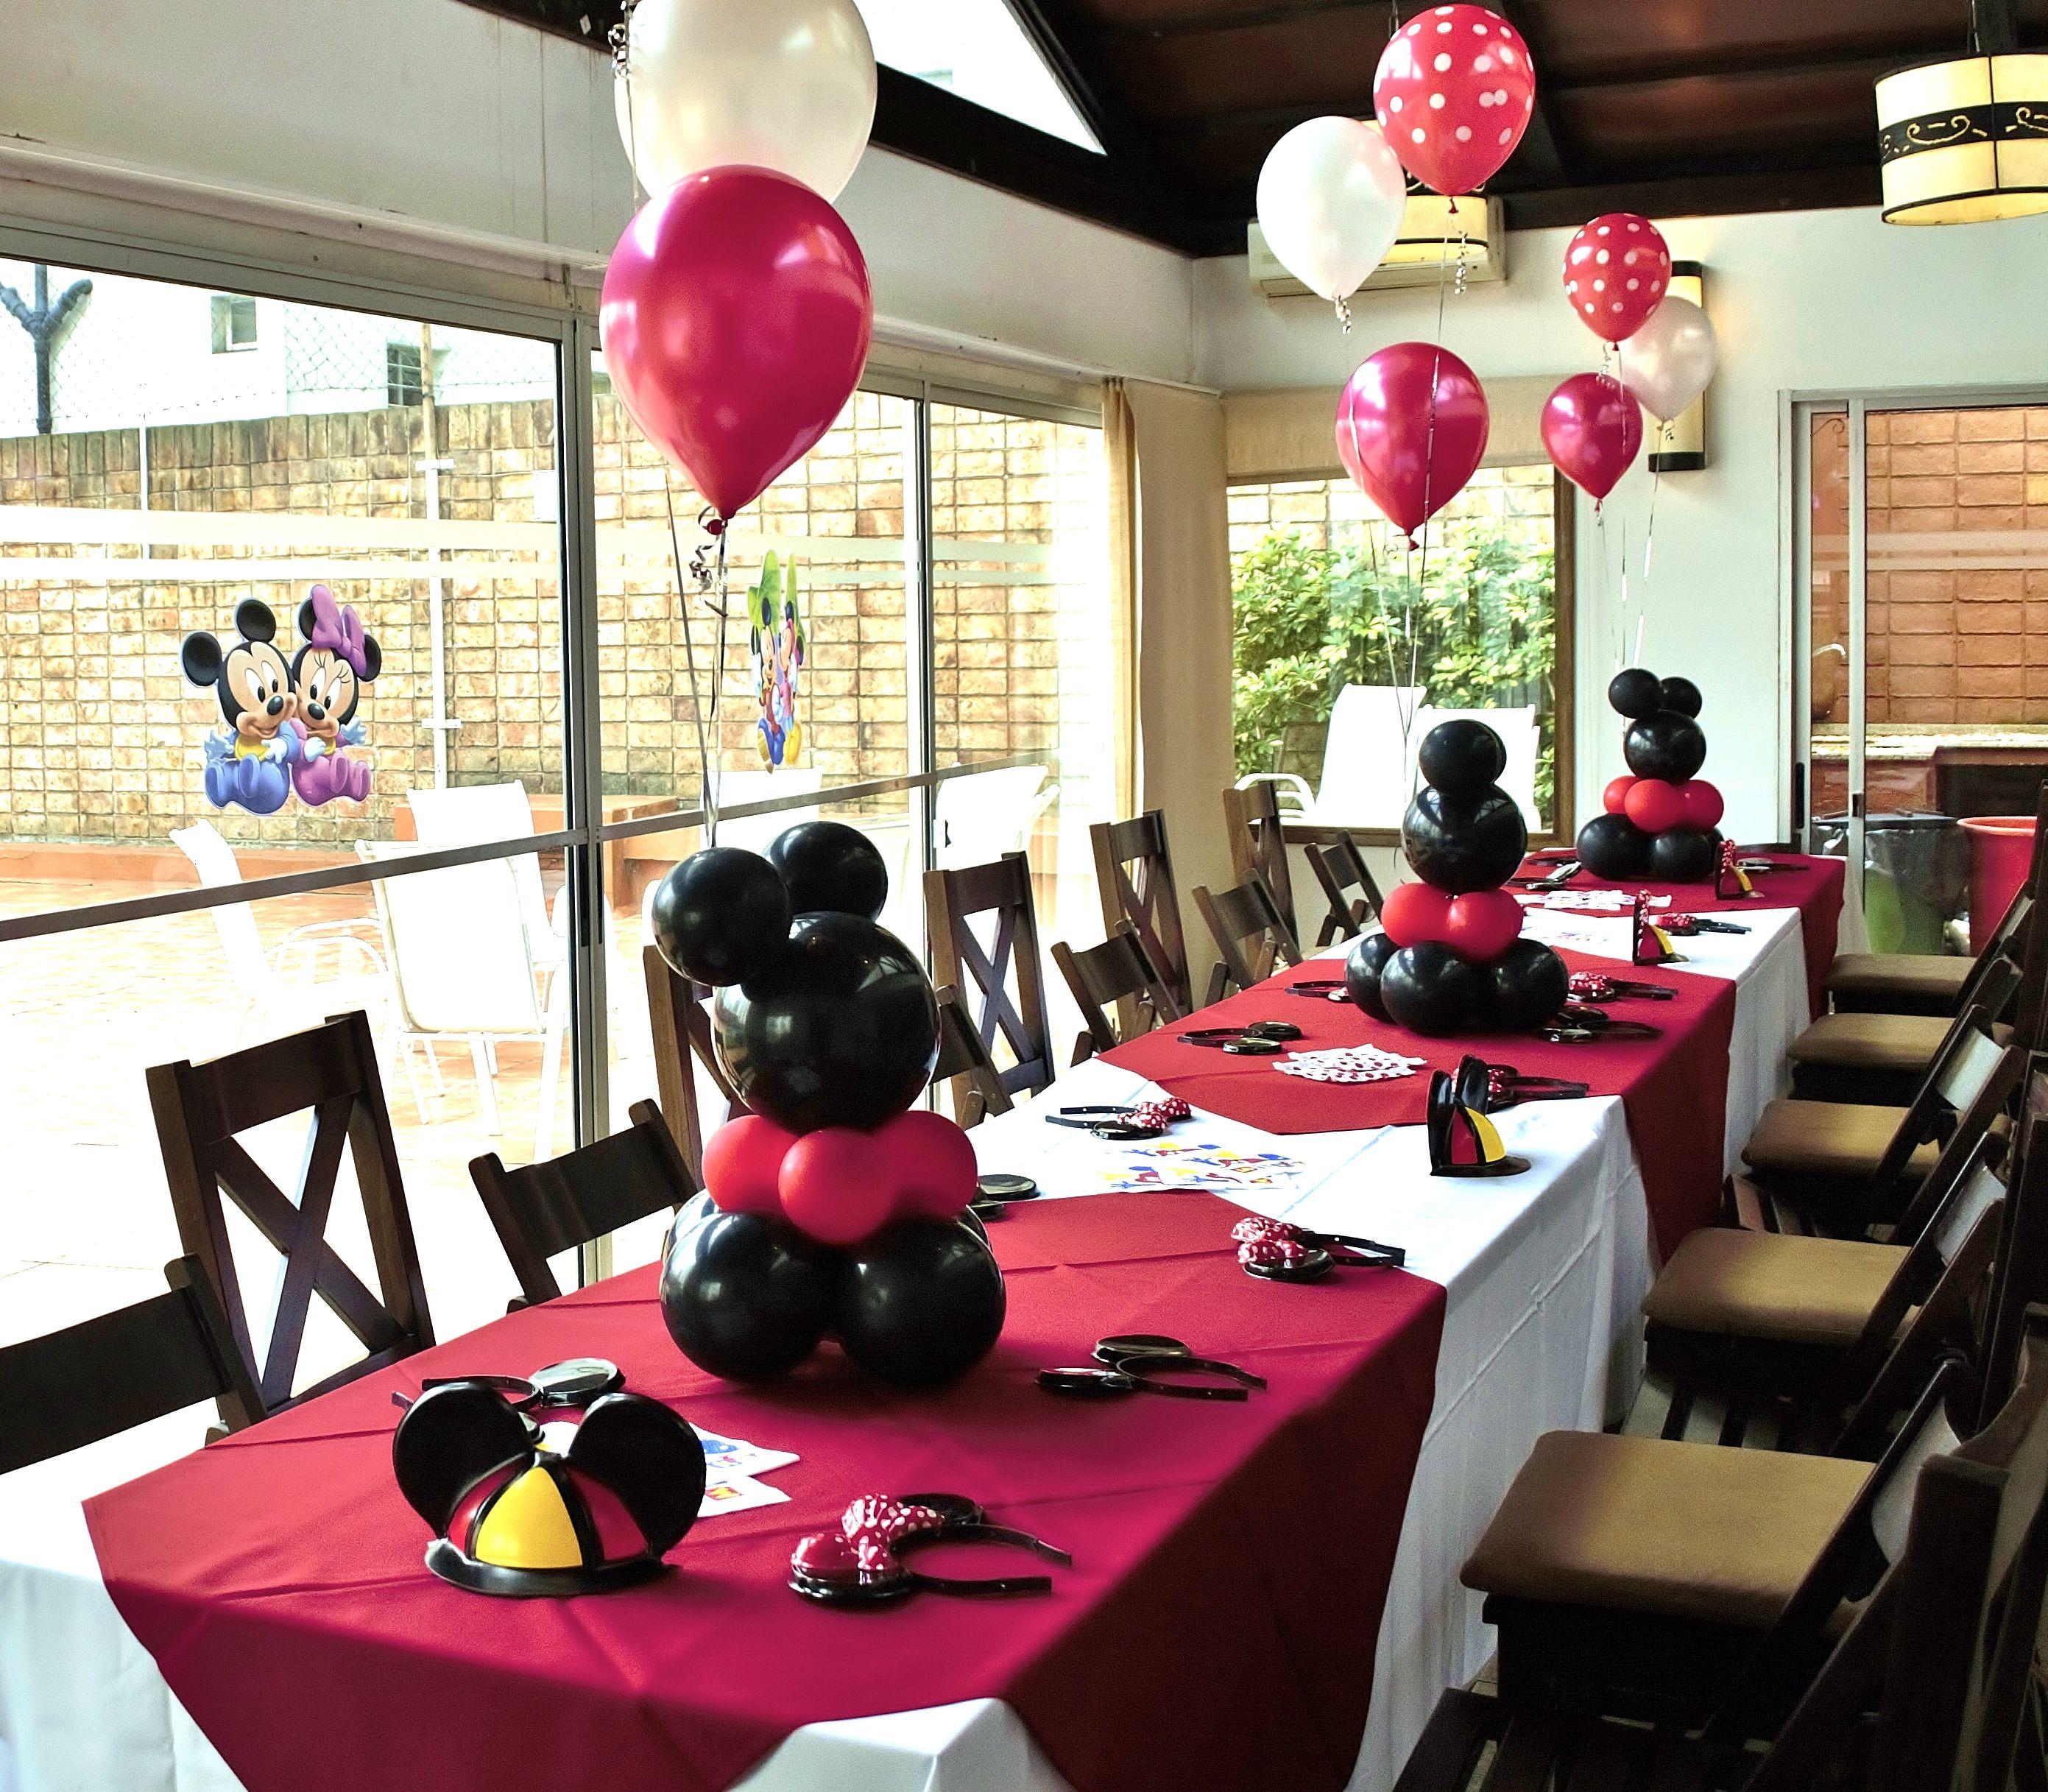 Decoraci n mickey con globos aire y helio hac click en la for Decoracion con fotos